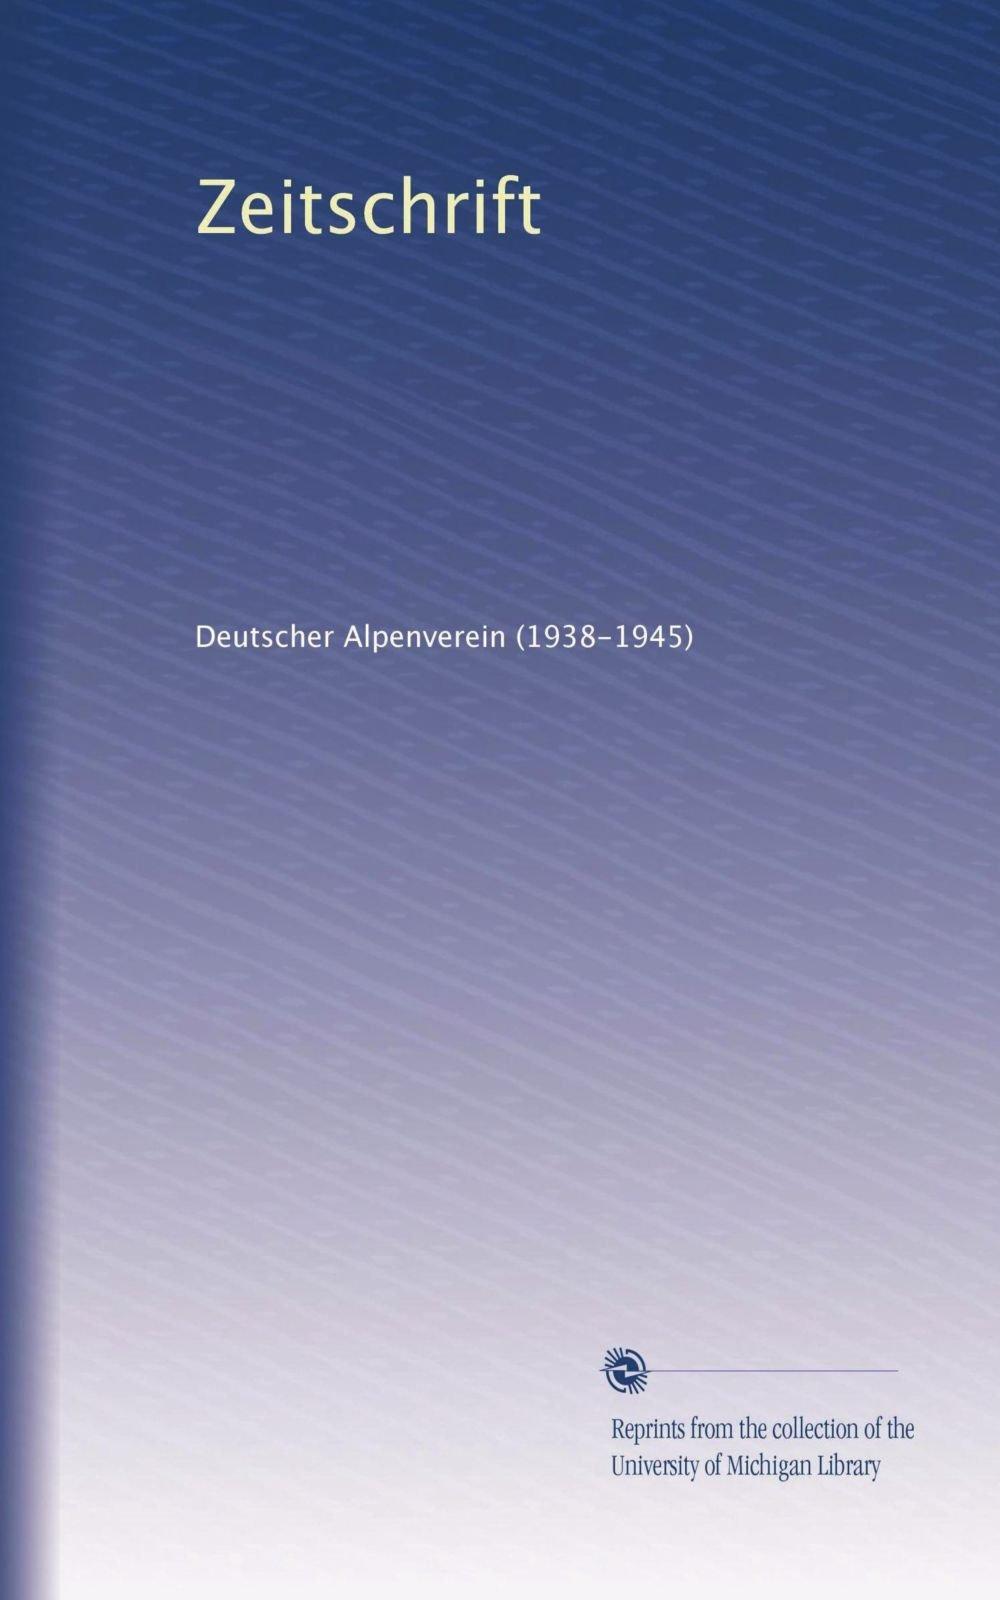 Download Zeitschrift (Volume 7) (German Edition) pdf